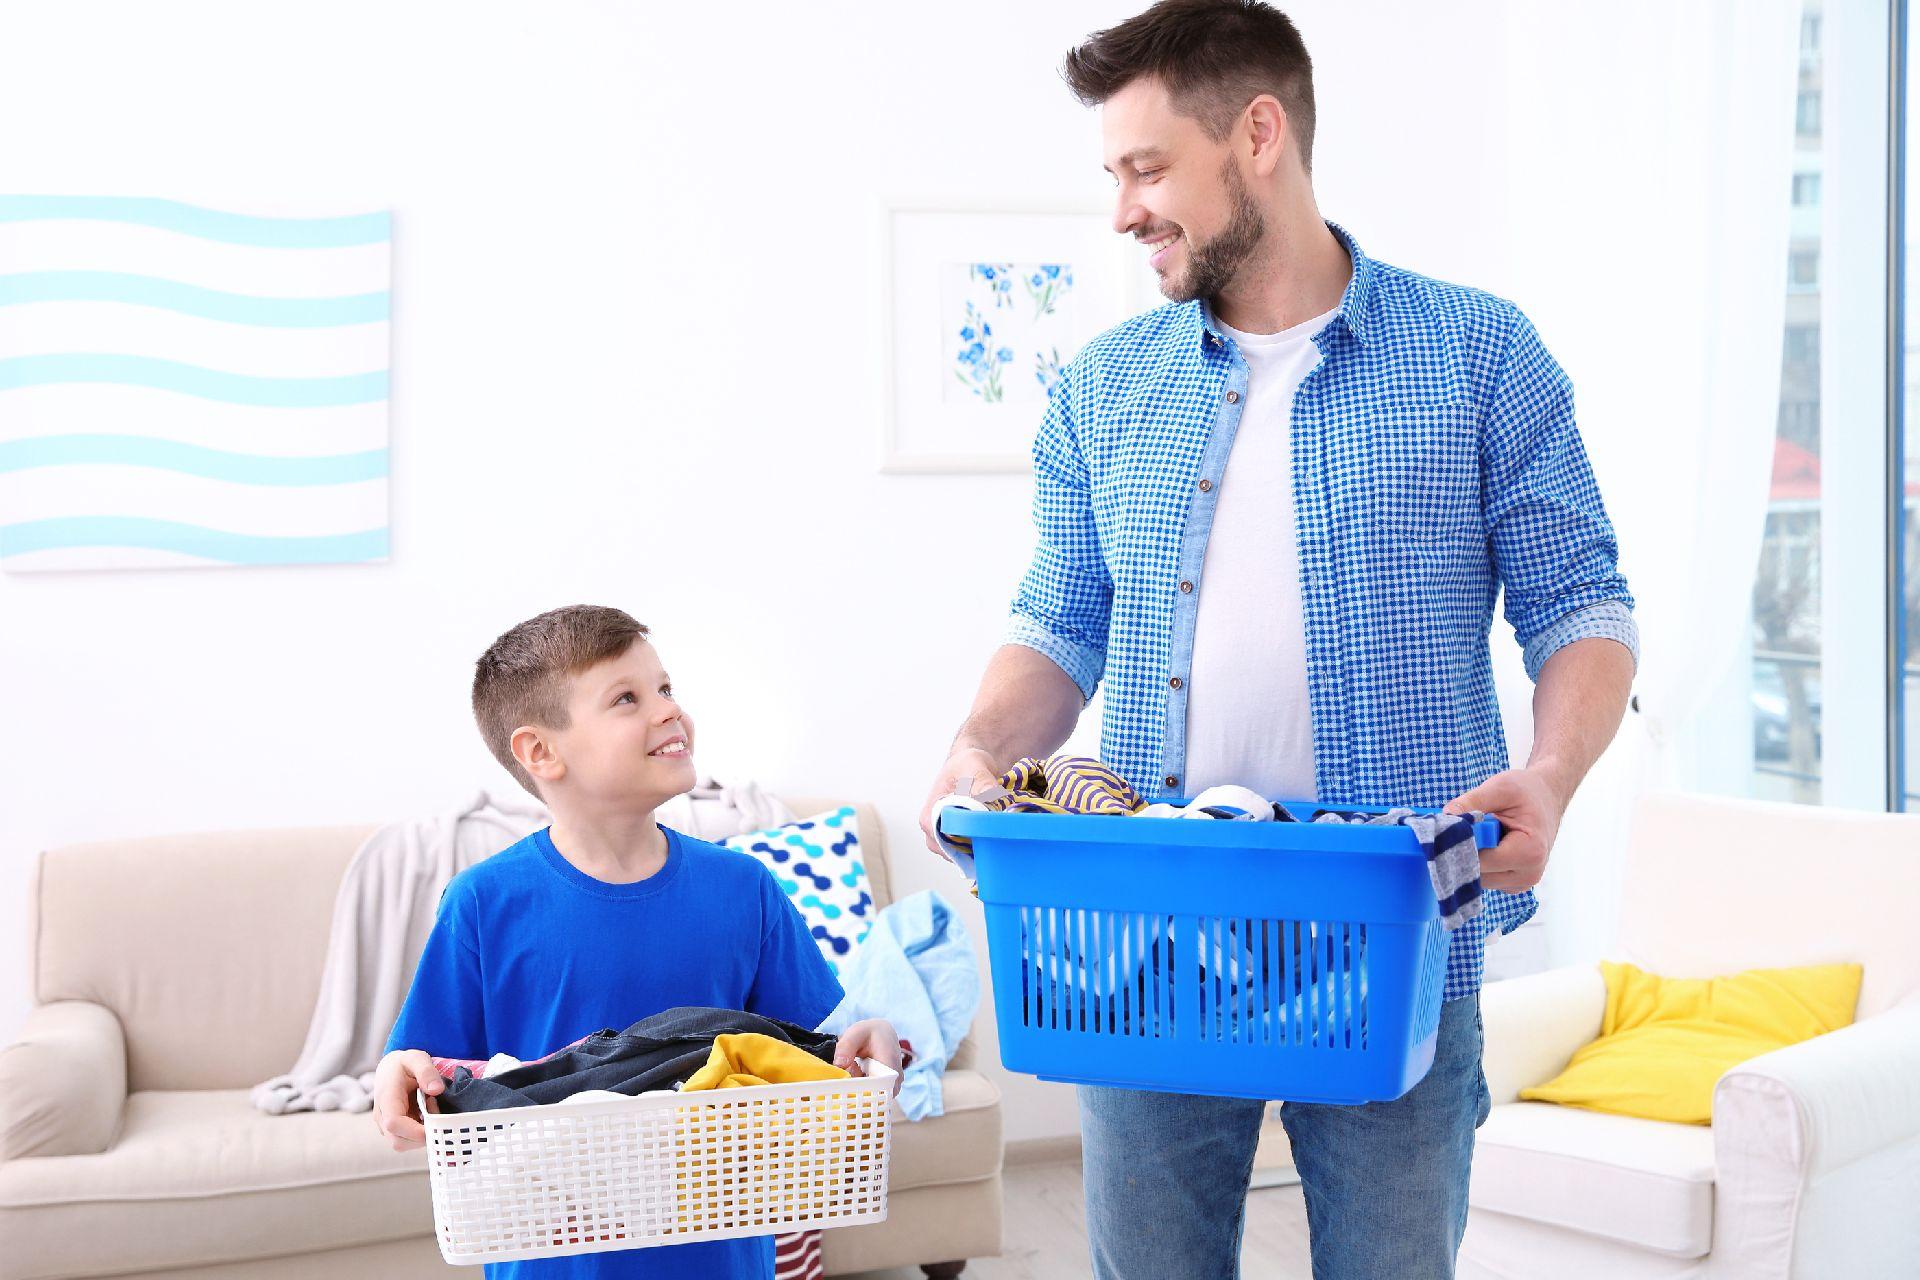 """O pai não deve ter papel de """"ajudante"""" . Também cabe a ele arrumar a casa e dar o exemplo. Foto: Bigstock"""